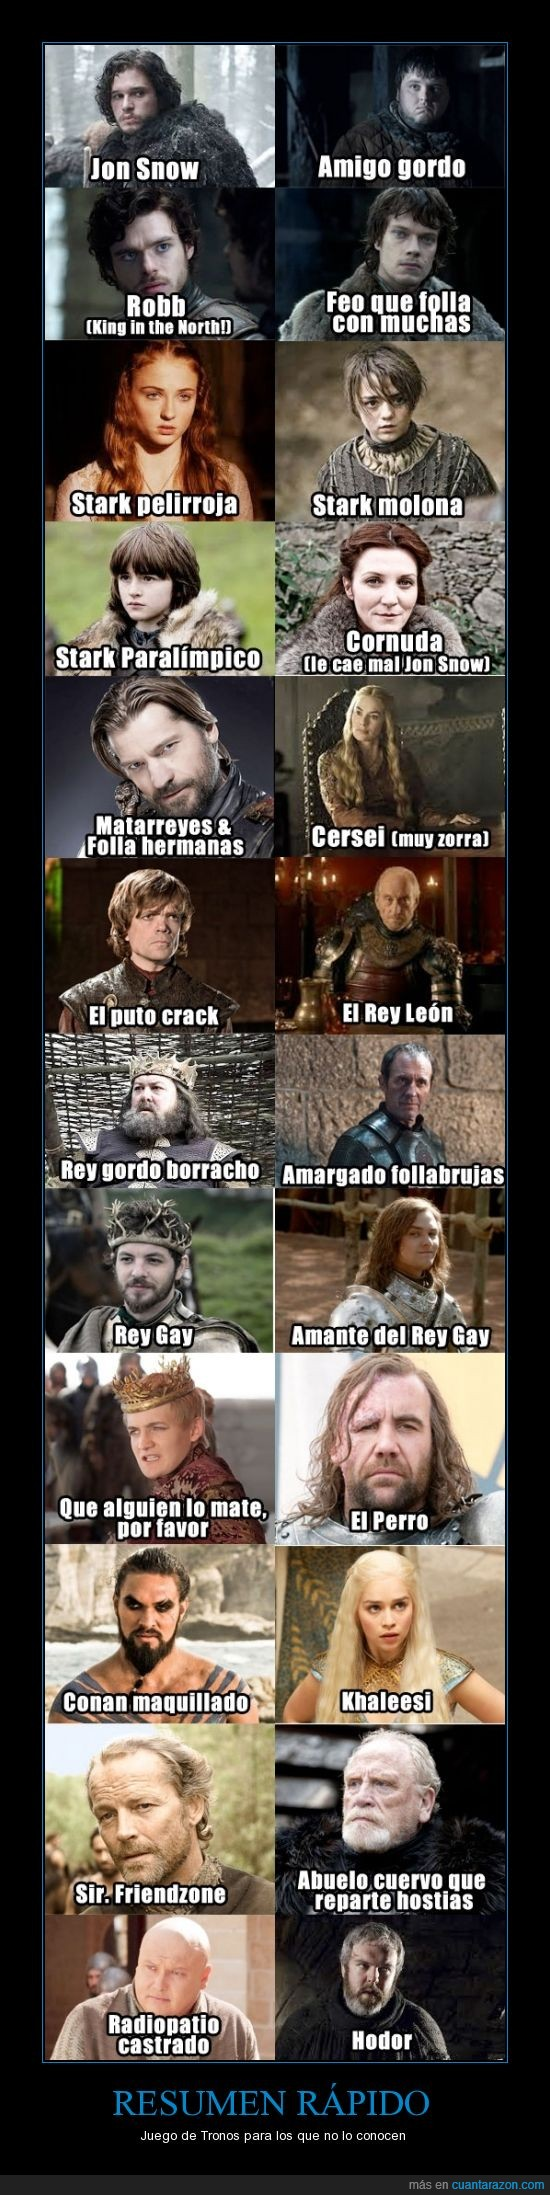 game of thrones,got,juego de tronos,nombres,personaje